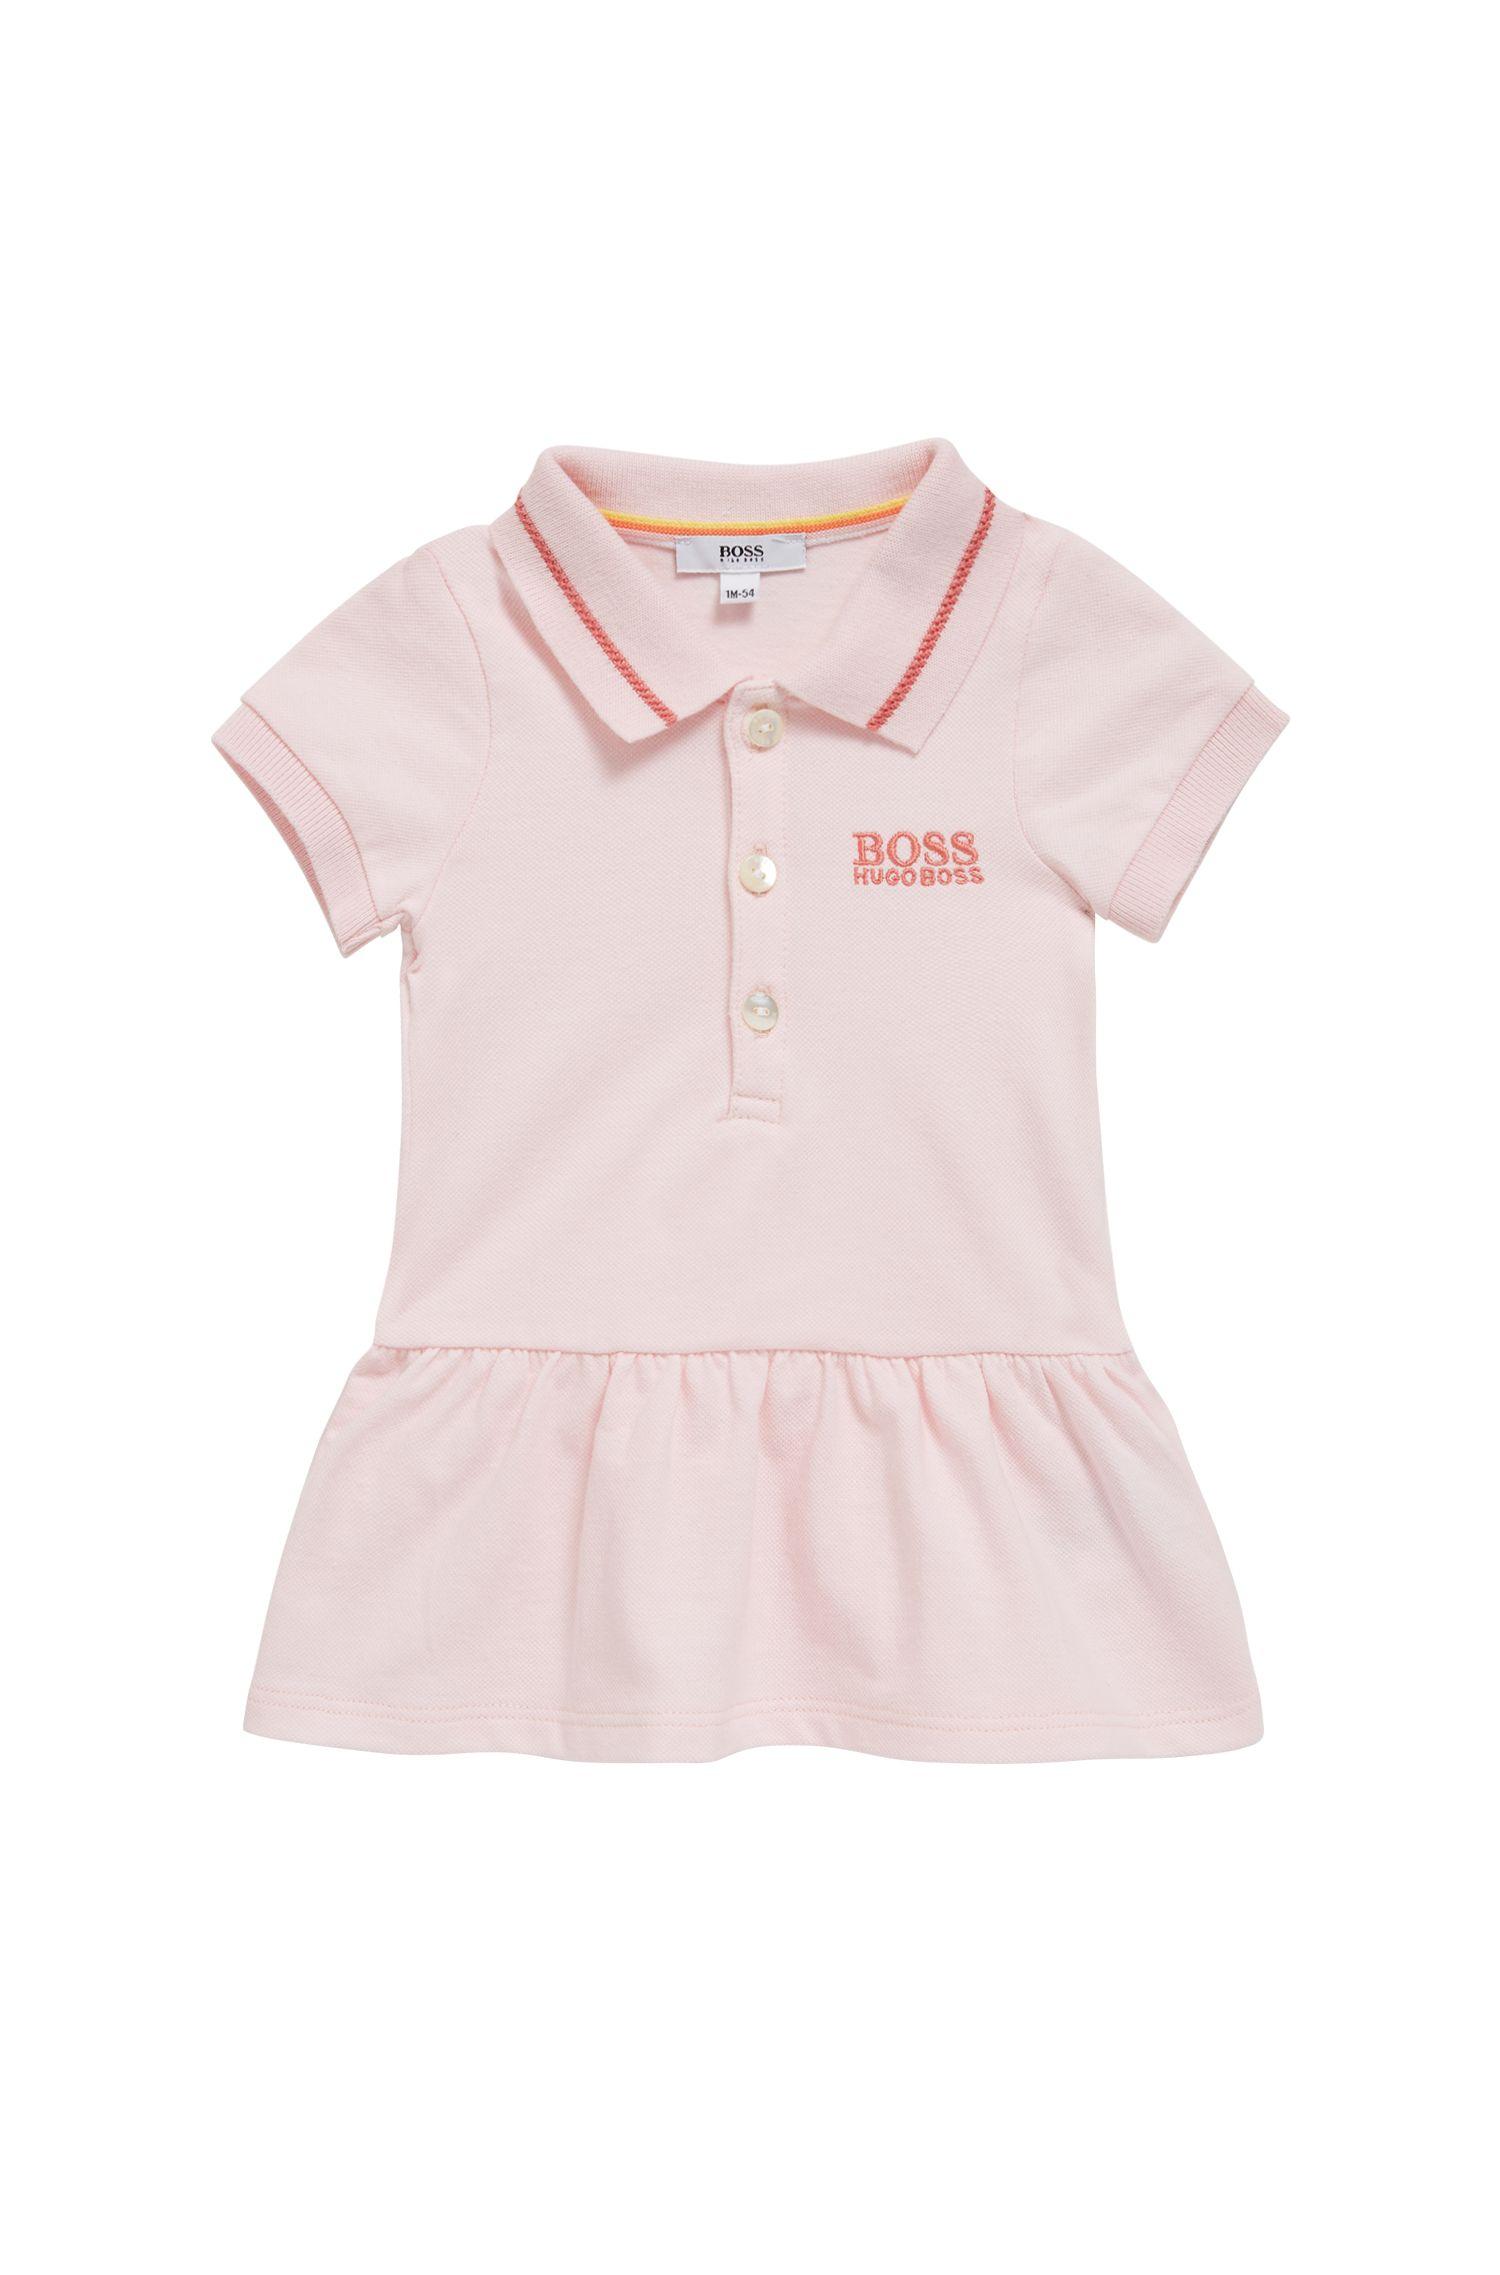 Vestitino per neonata stile tennis in piqué di cotone elasticizzato, Rosa chiaro